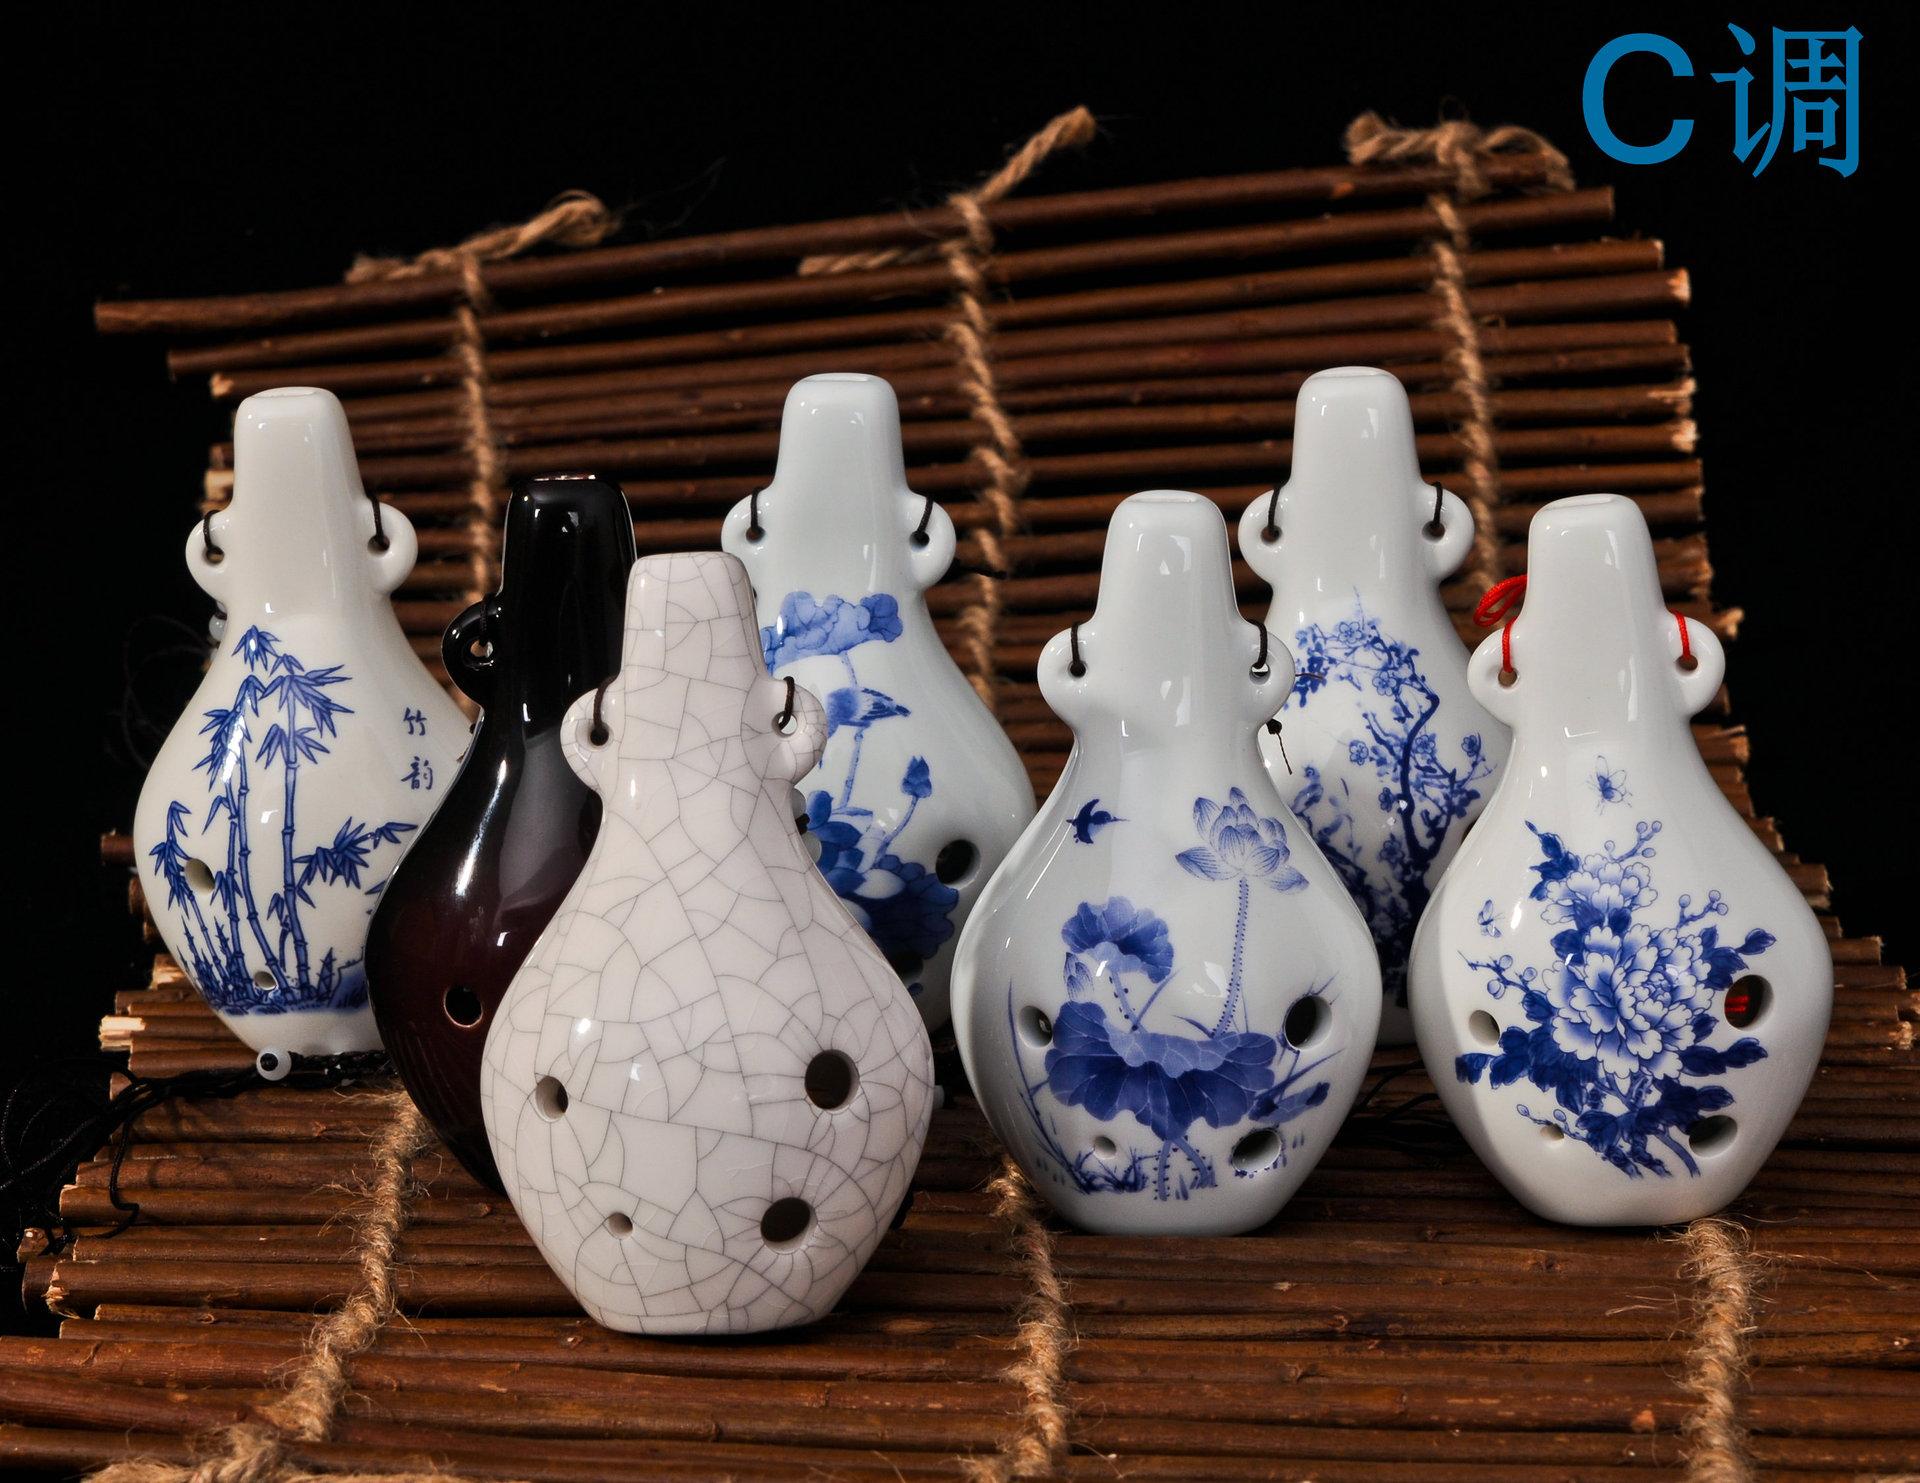 六孔陶笛 陶瓷名族乐器 C调精品6孔陶瓷乐器